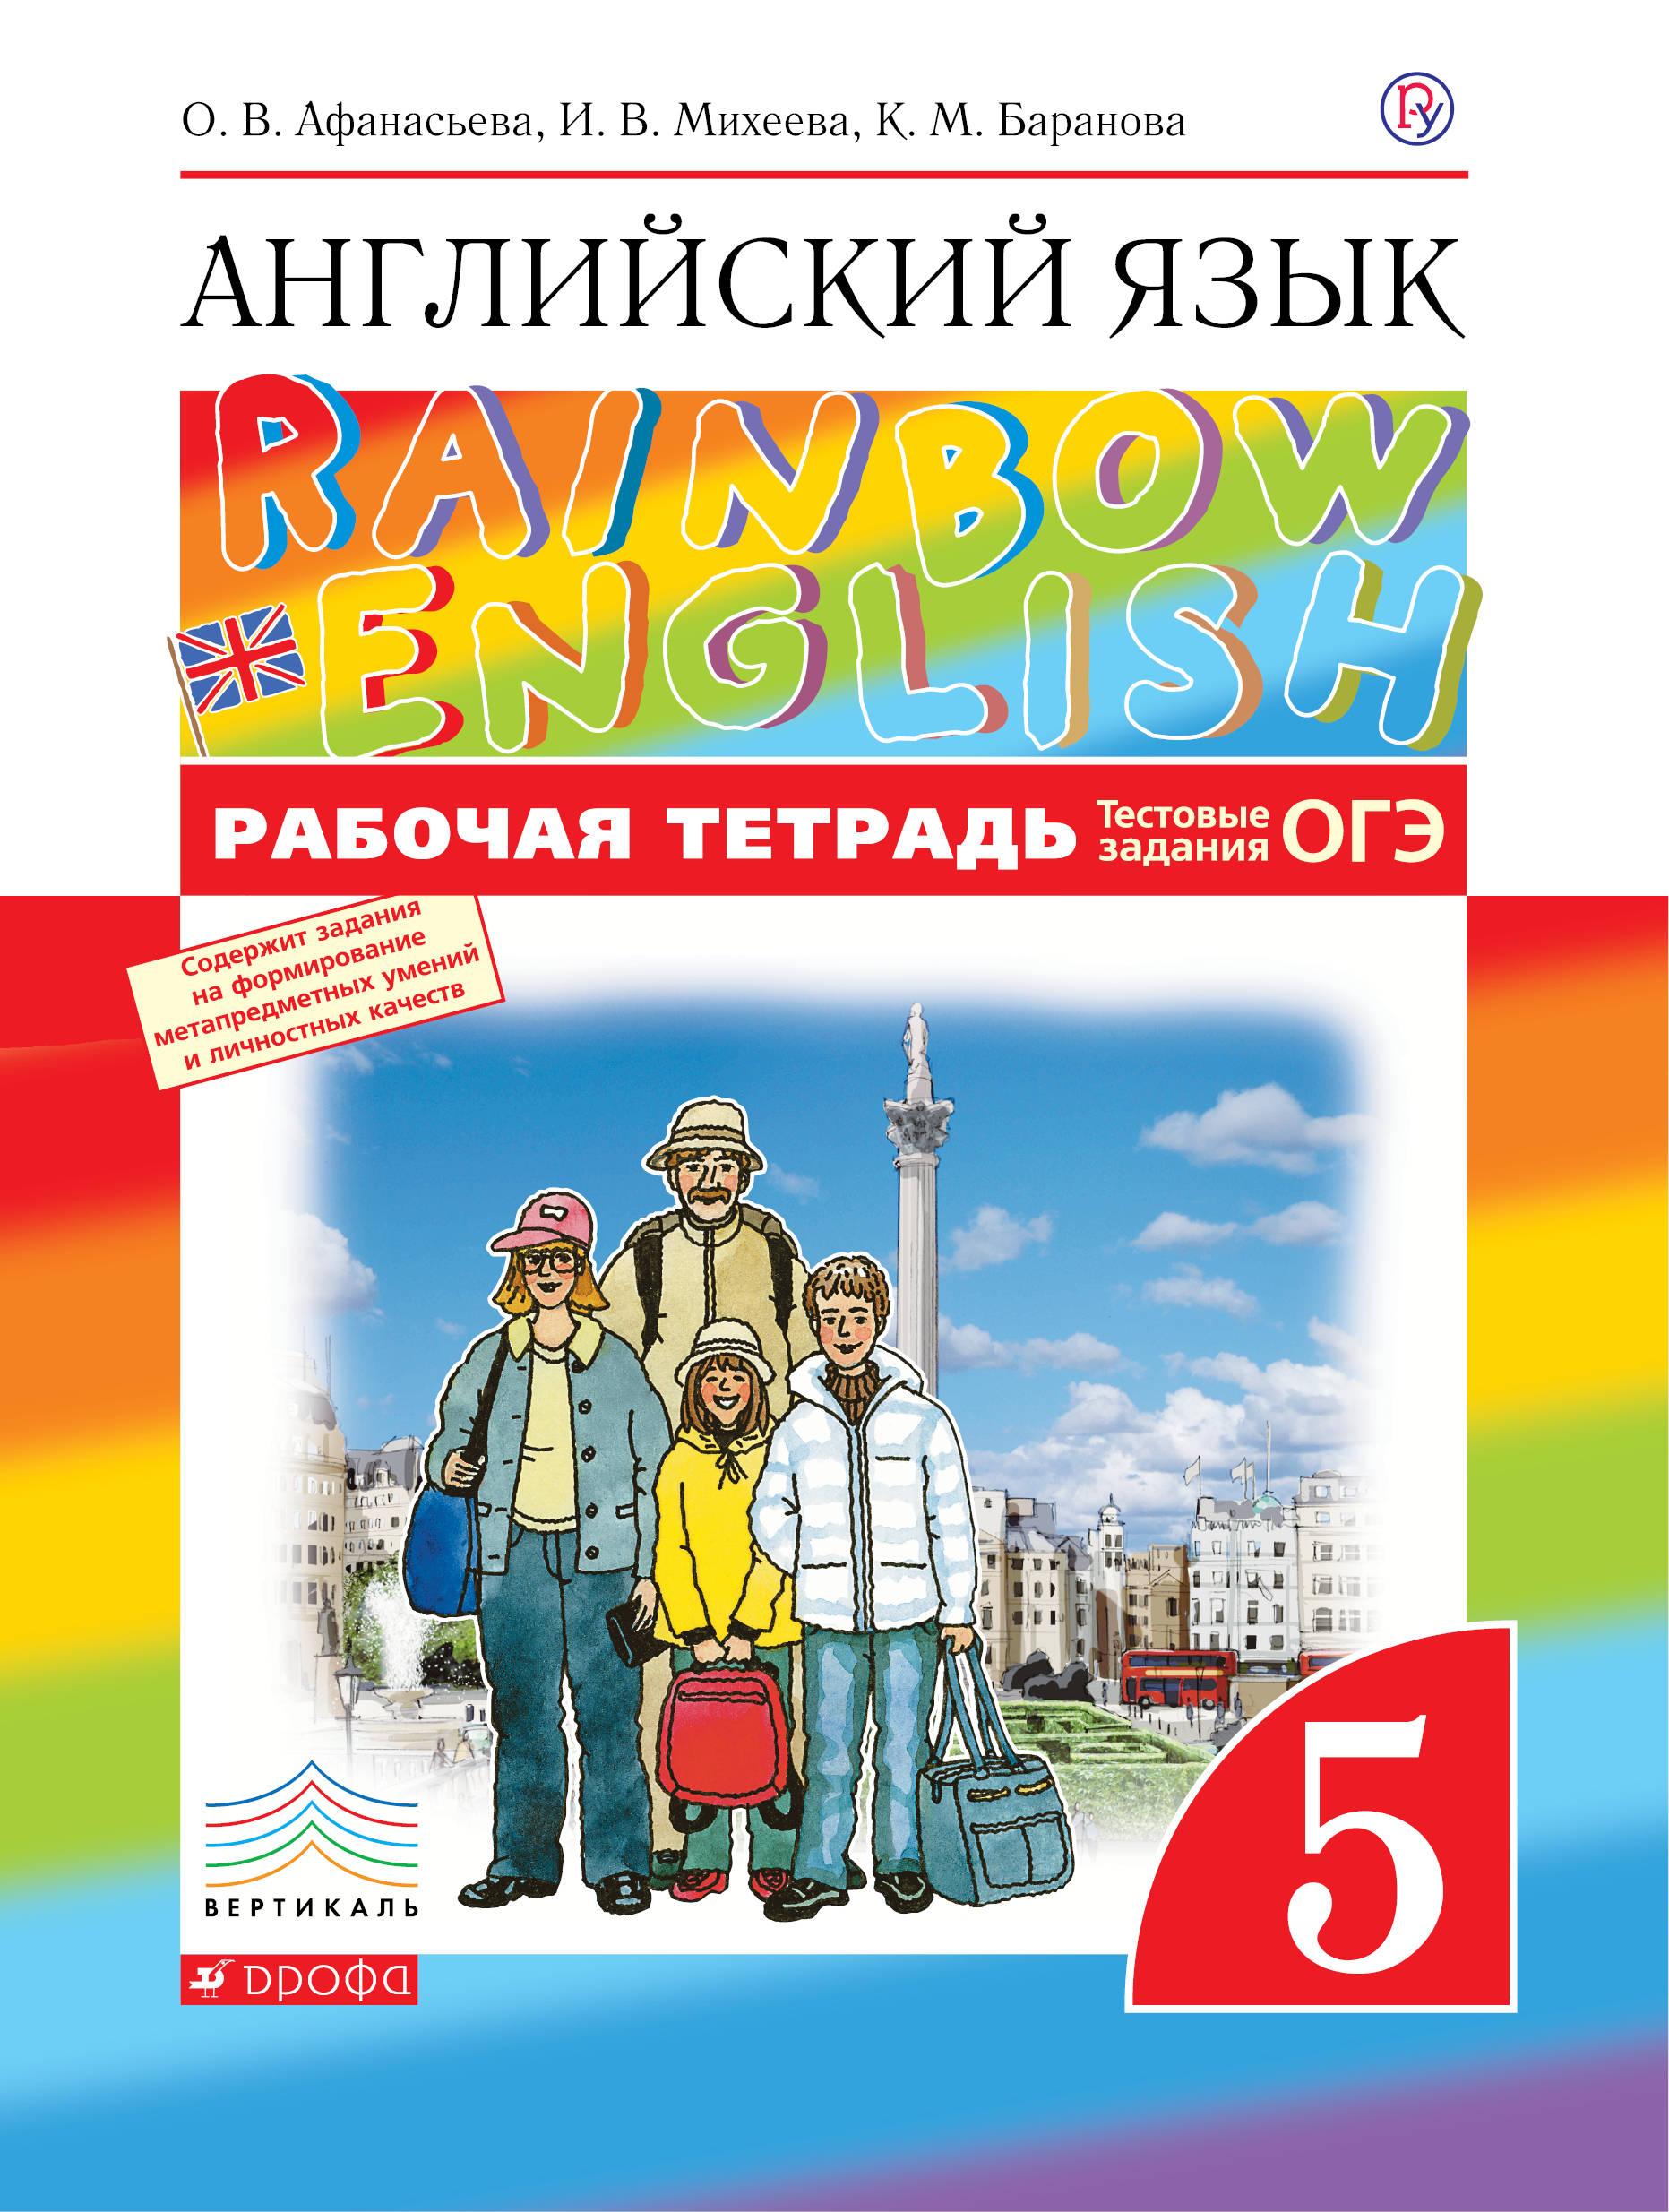 О. В. Афанасьева,И. В. Михеева,К. М. Баранова Английский язык. 5 класс. Рабочая тетрадь (с тестовыми заданиями ОГЭ)